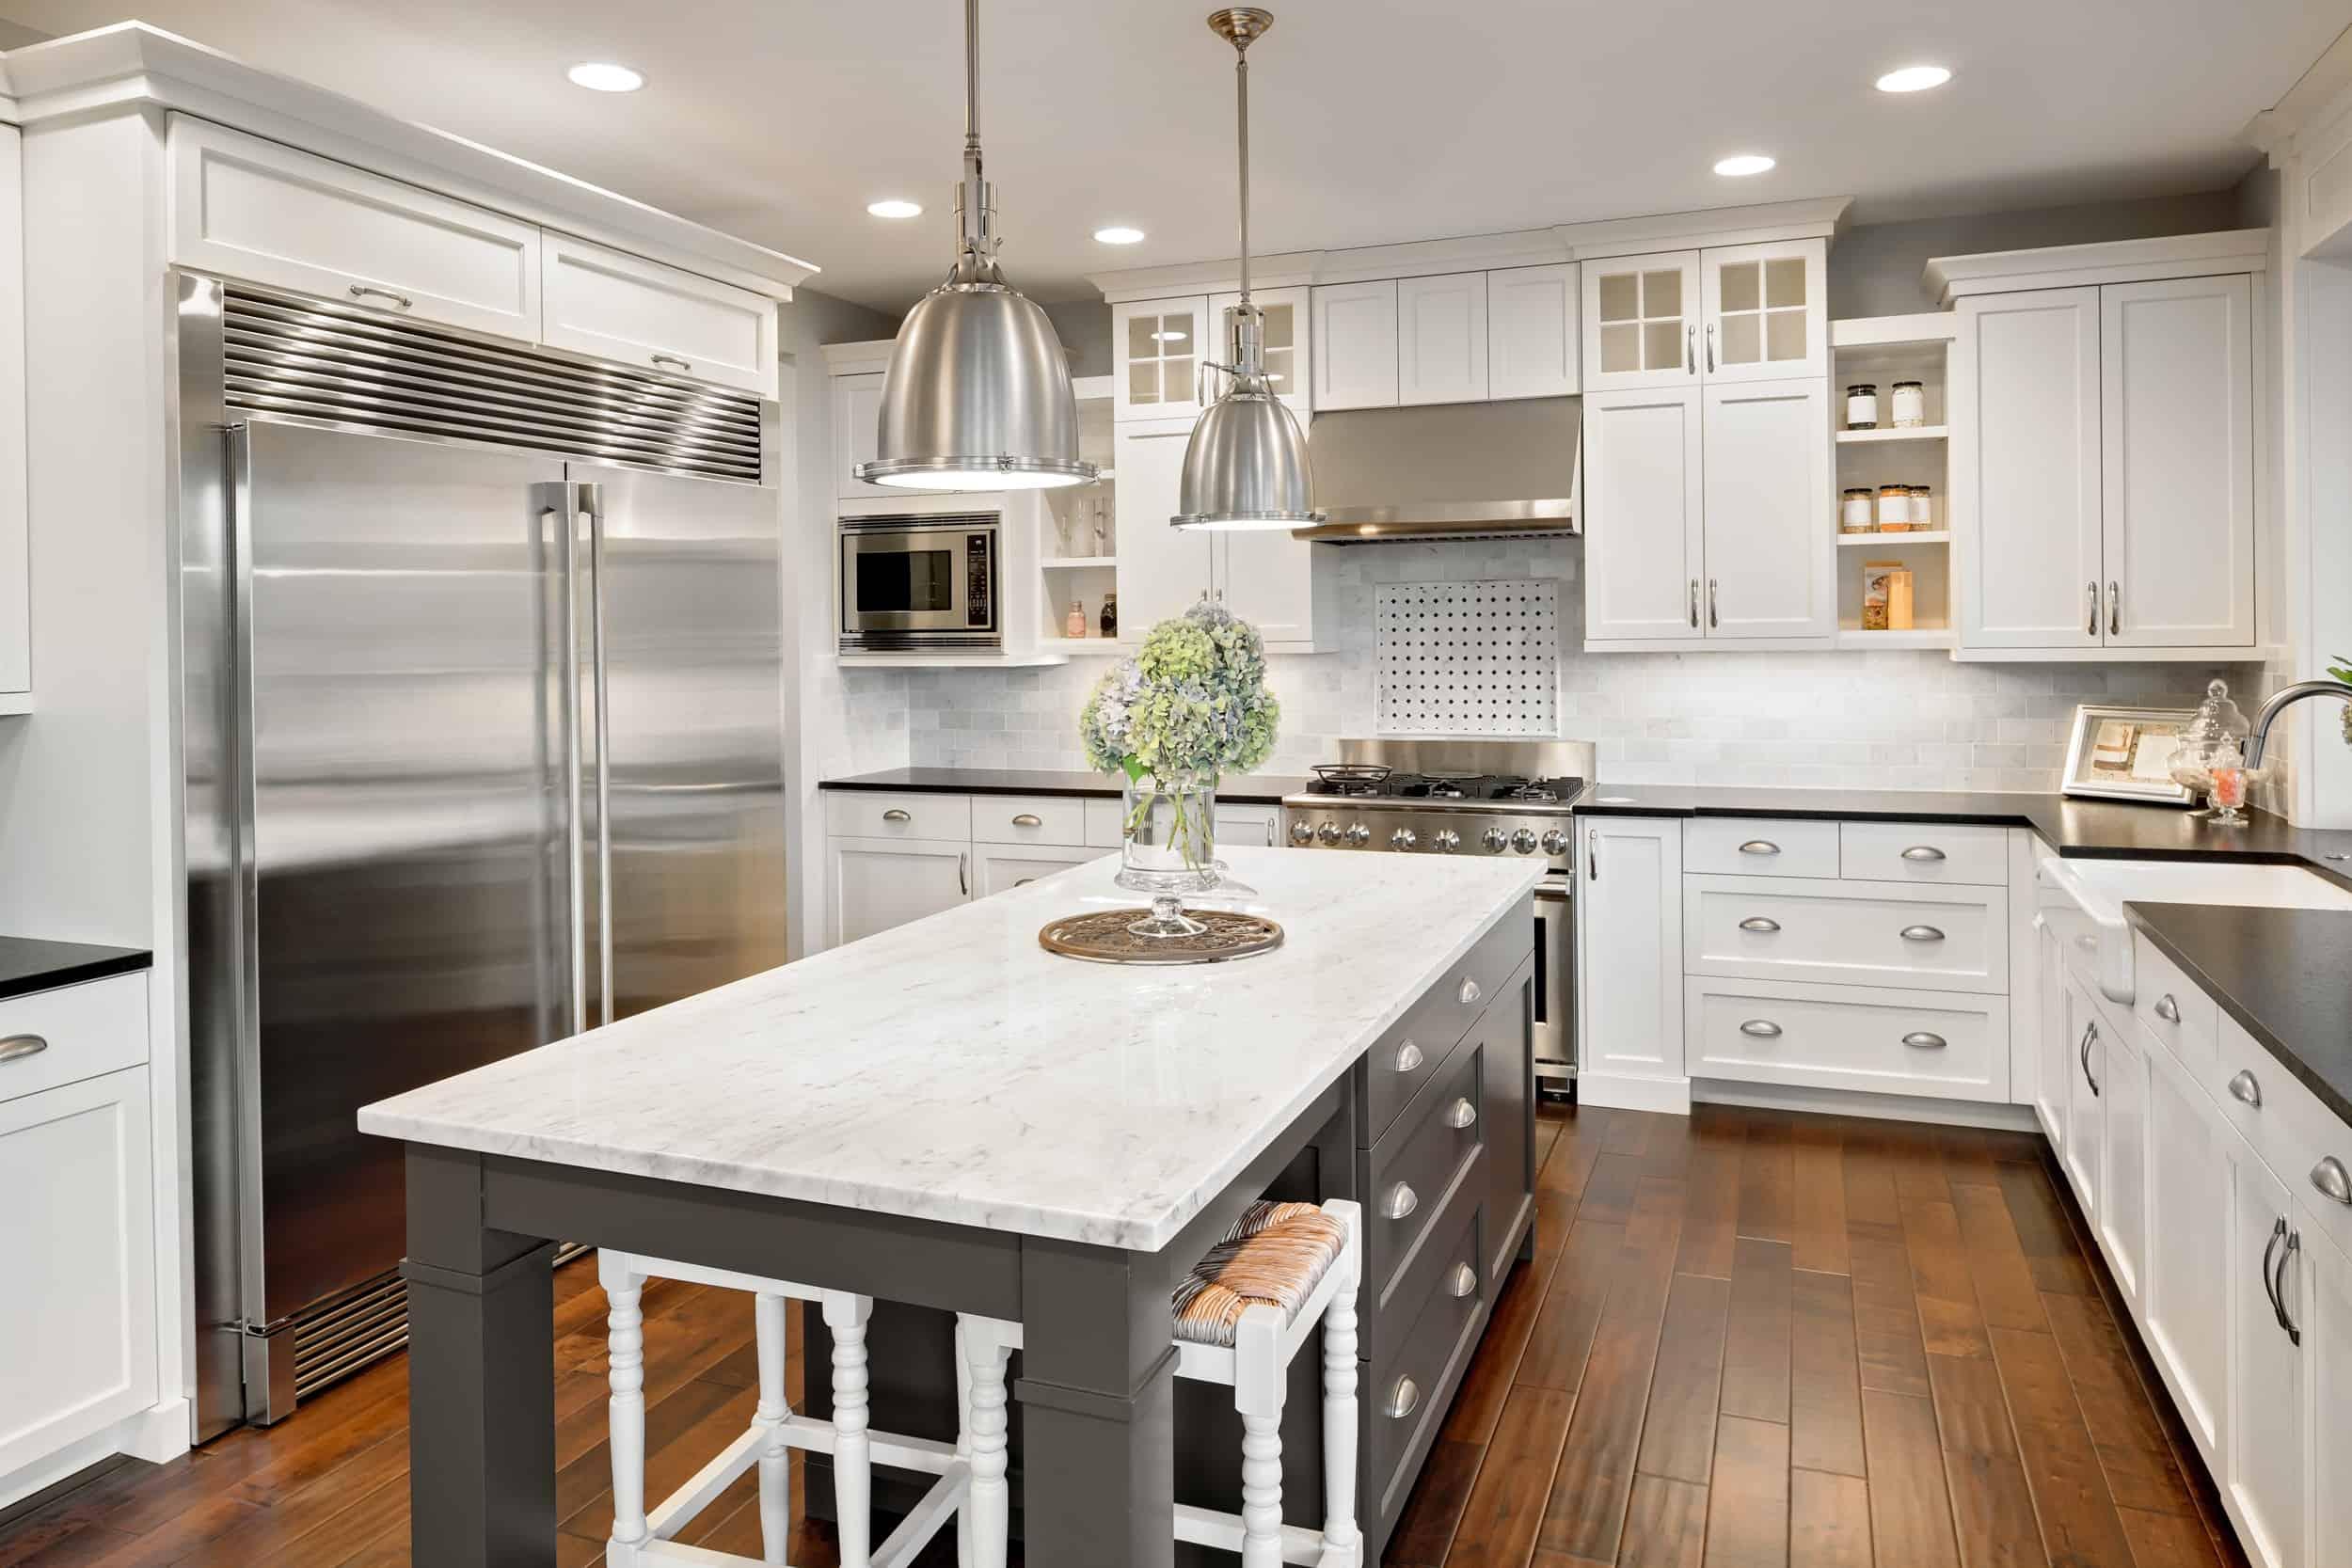 New Mountain's Edge Home | Las Vegas Real Estate